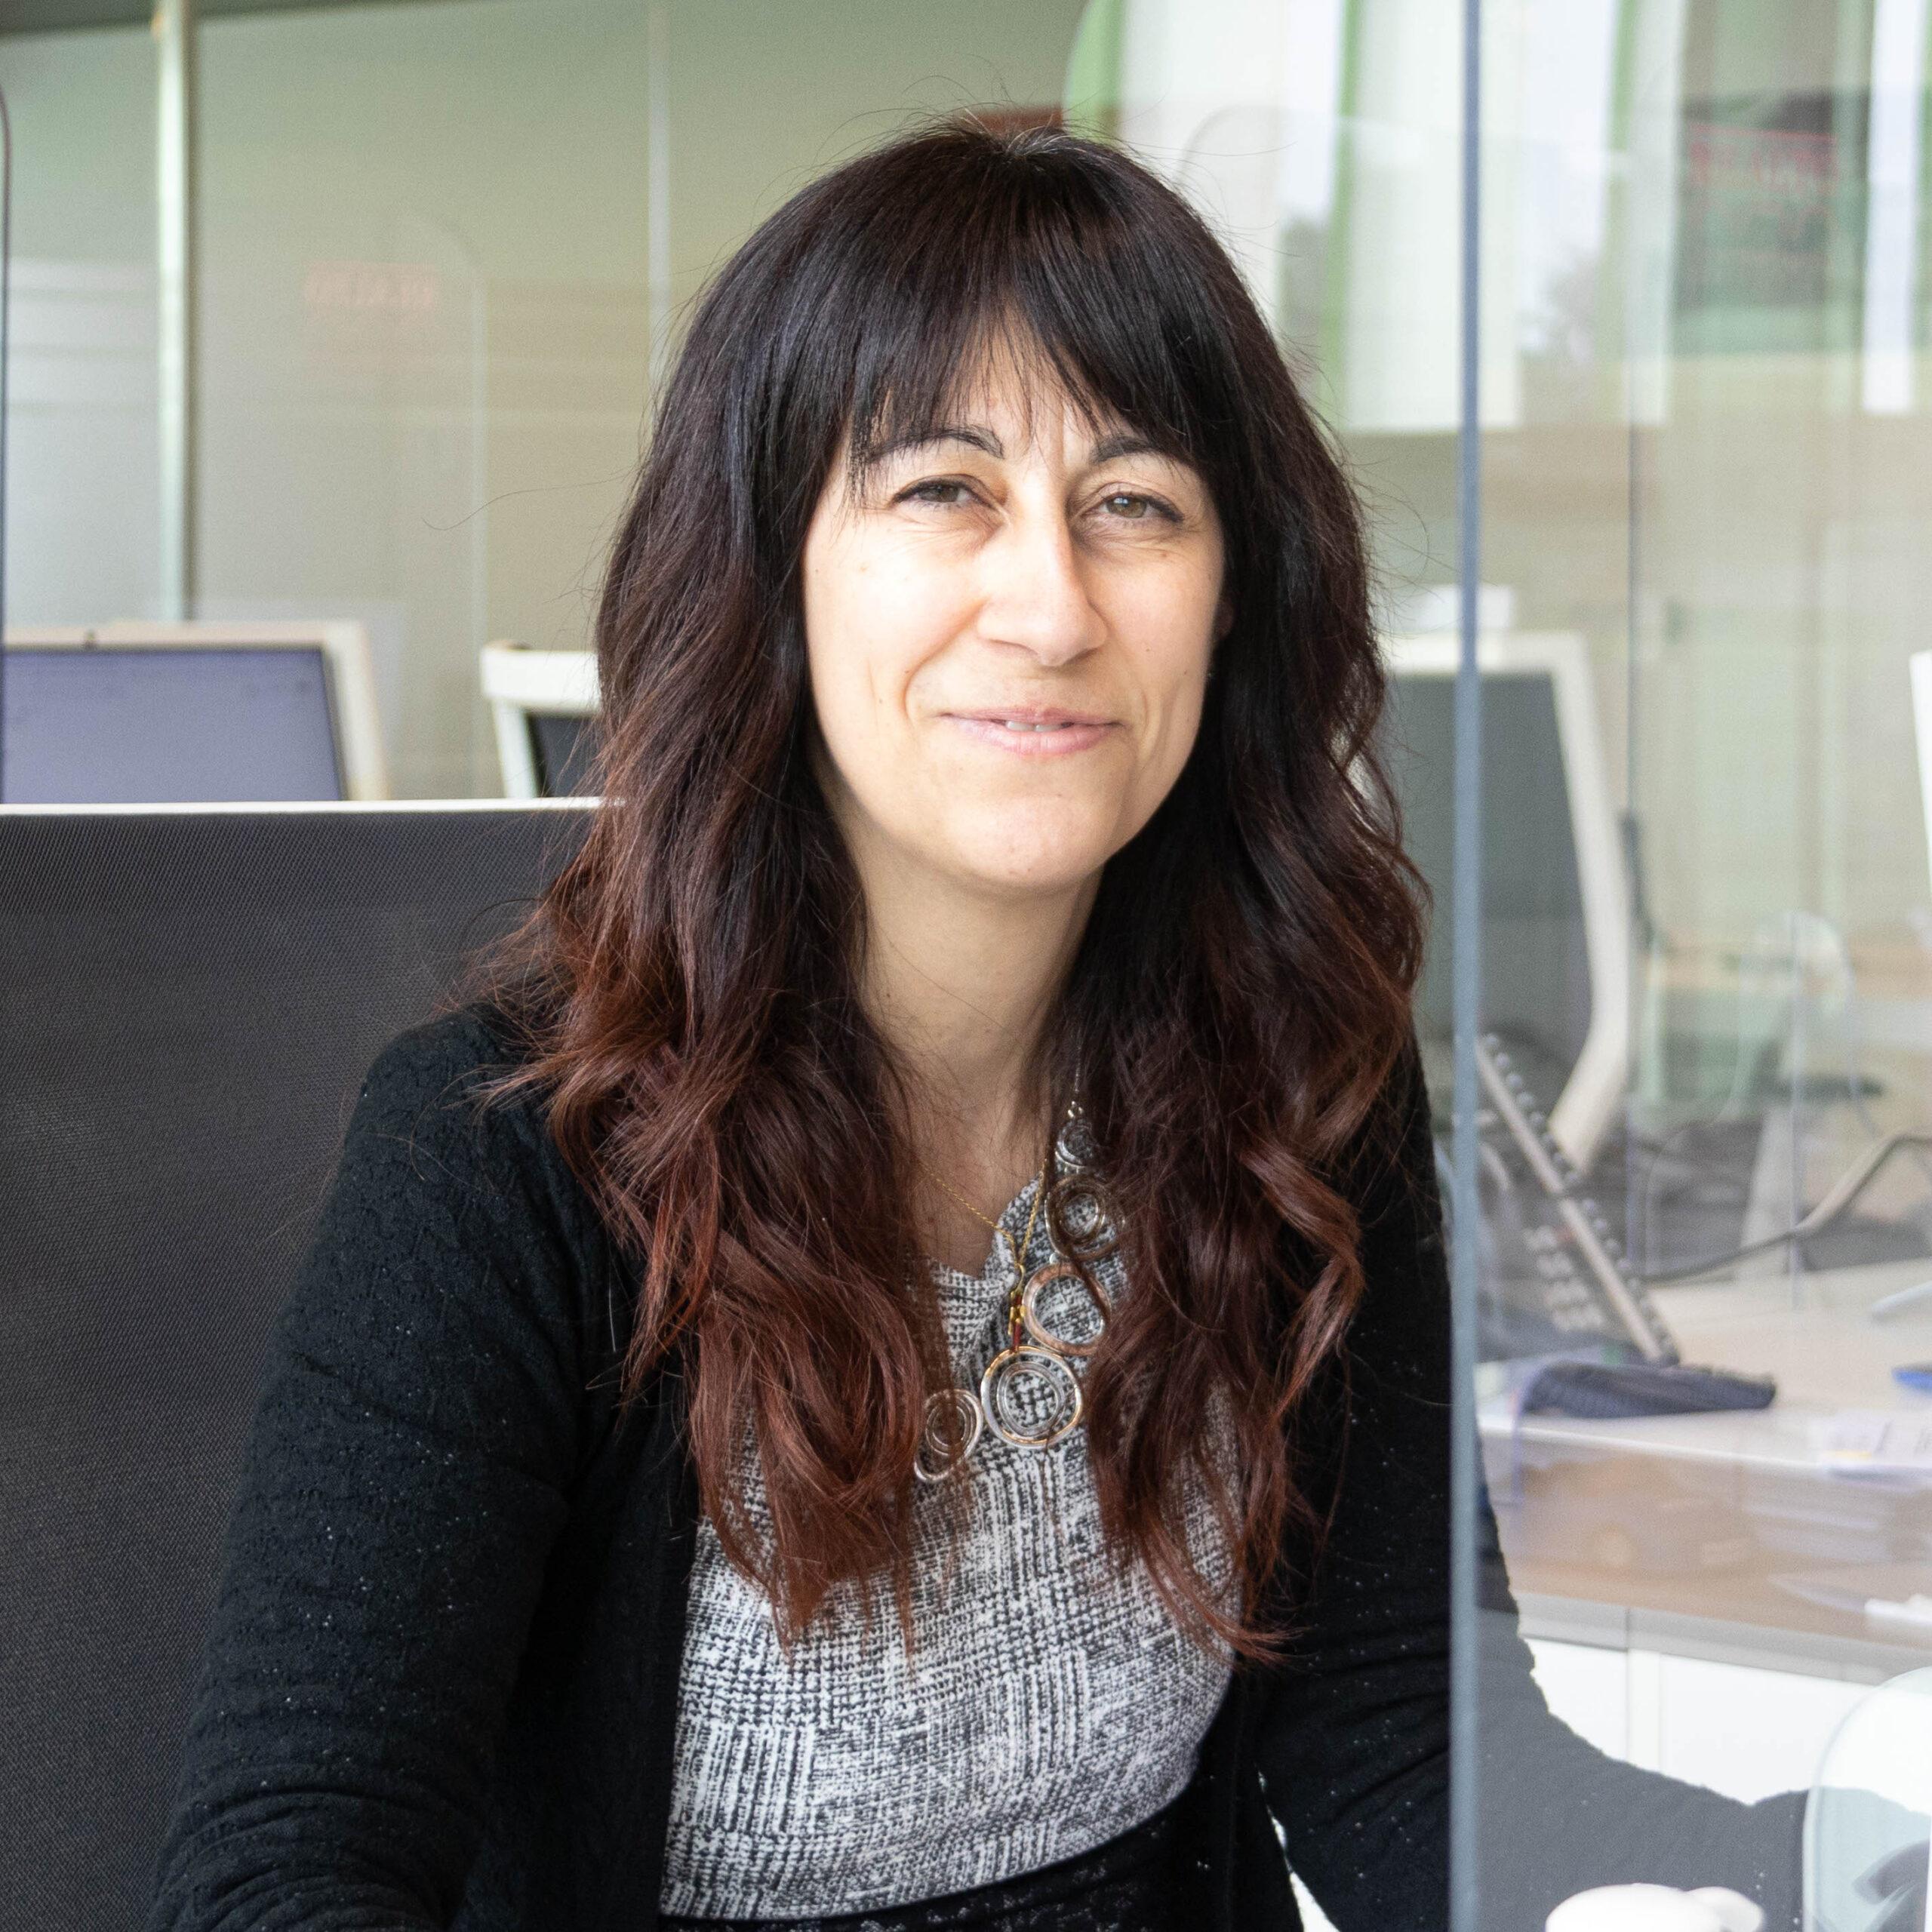 Paola Giani